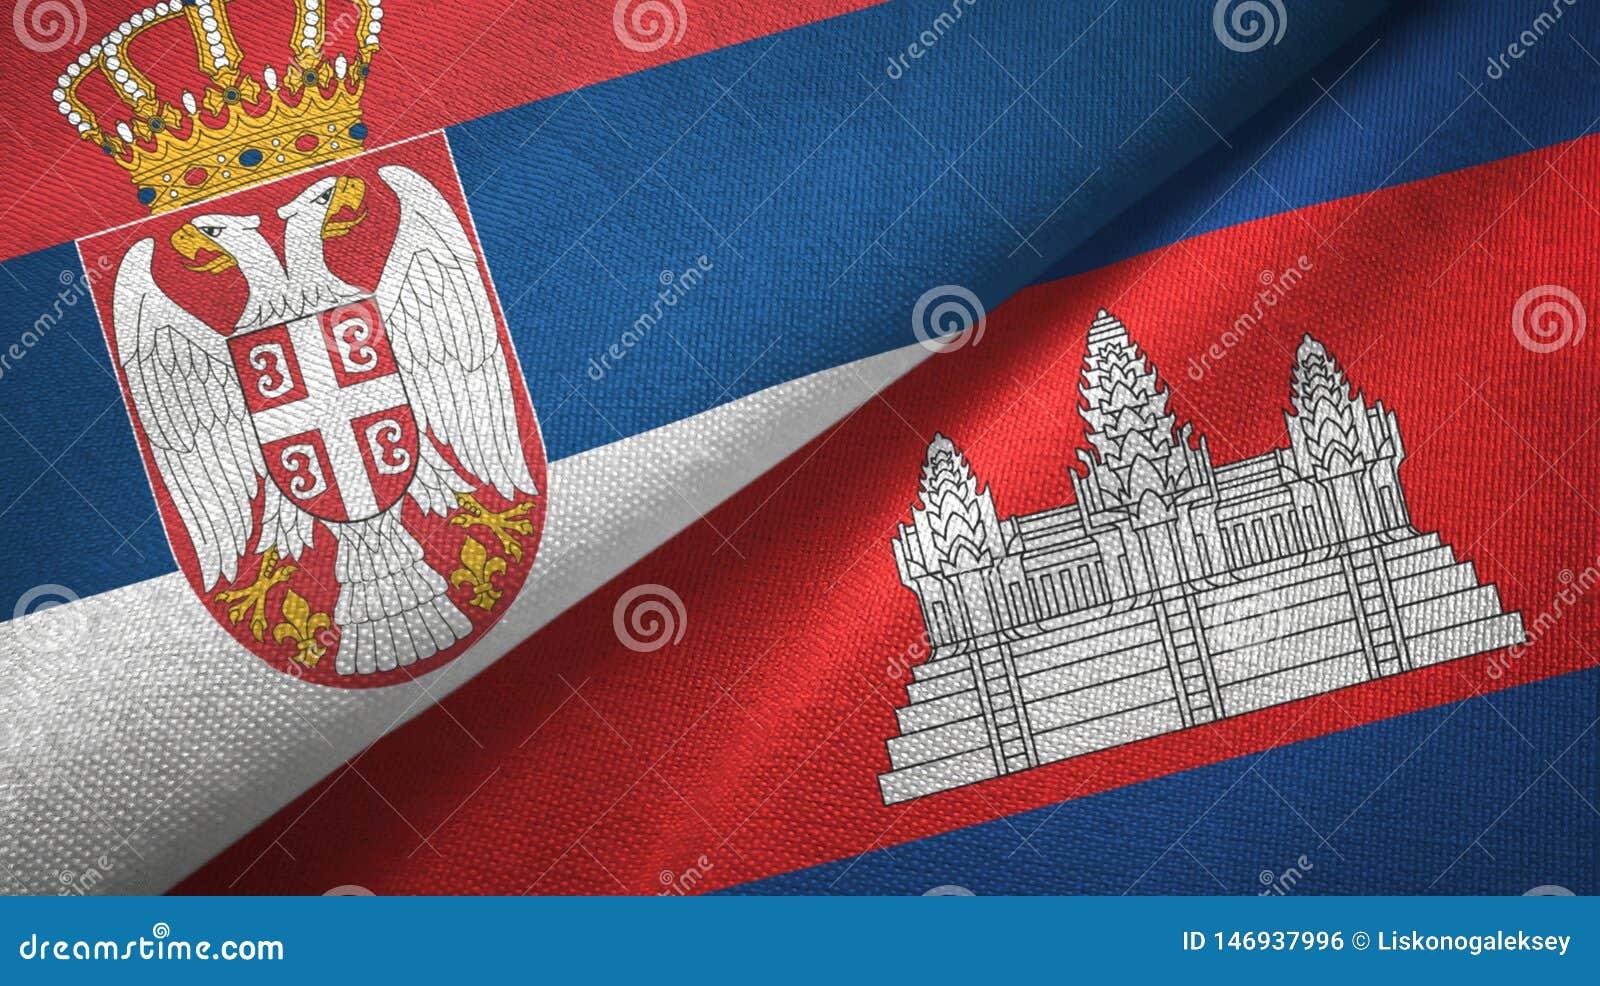 Servië en Kambodja twee vlaggen textieldoek, stoffentextuur